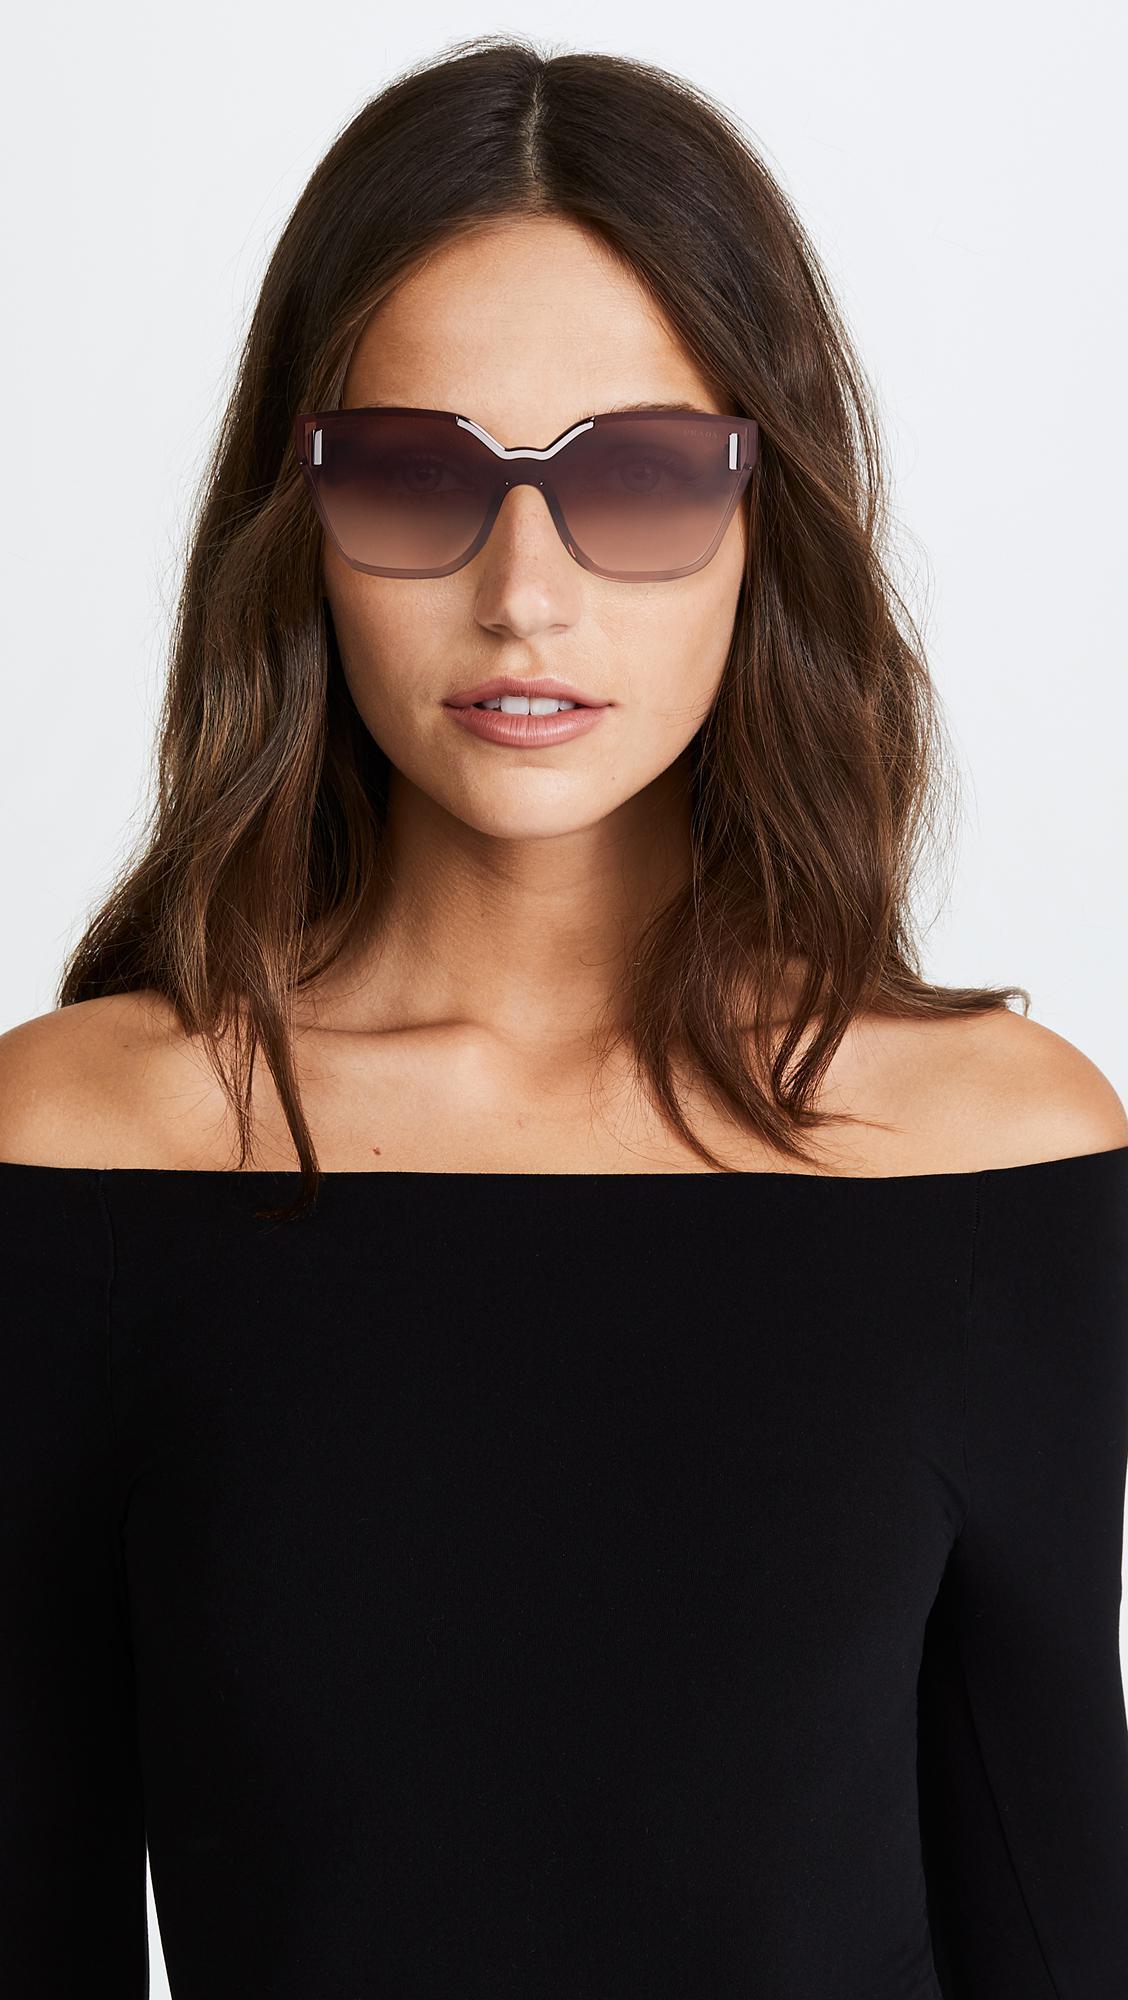 f9d88f7c19c ... wholesale prada hide catwalk sunglasses in brown lyst abd14 5ca8c